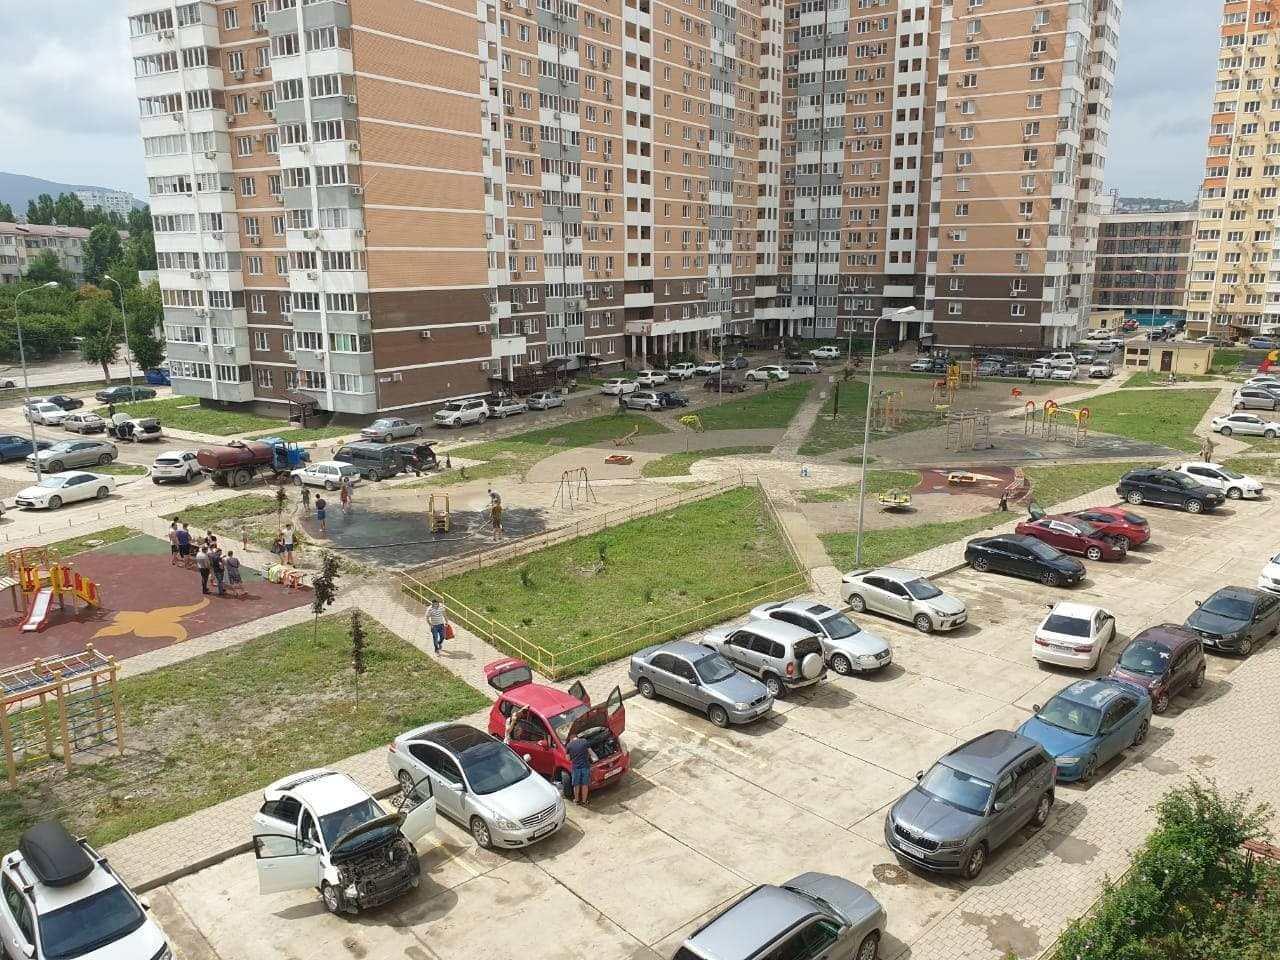 Больше двух суток жители нескольких многоквартирных домов в Новороссийске оставались без электричества и воды